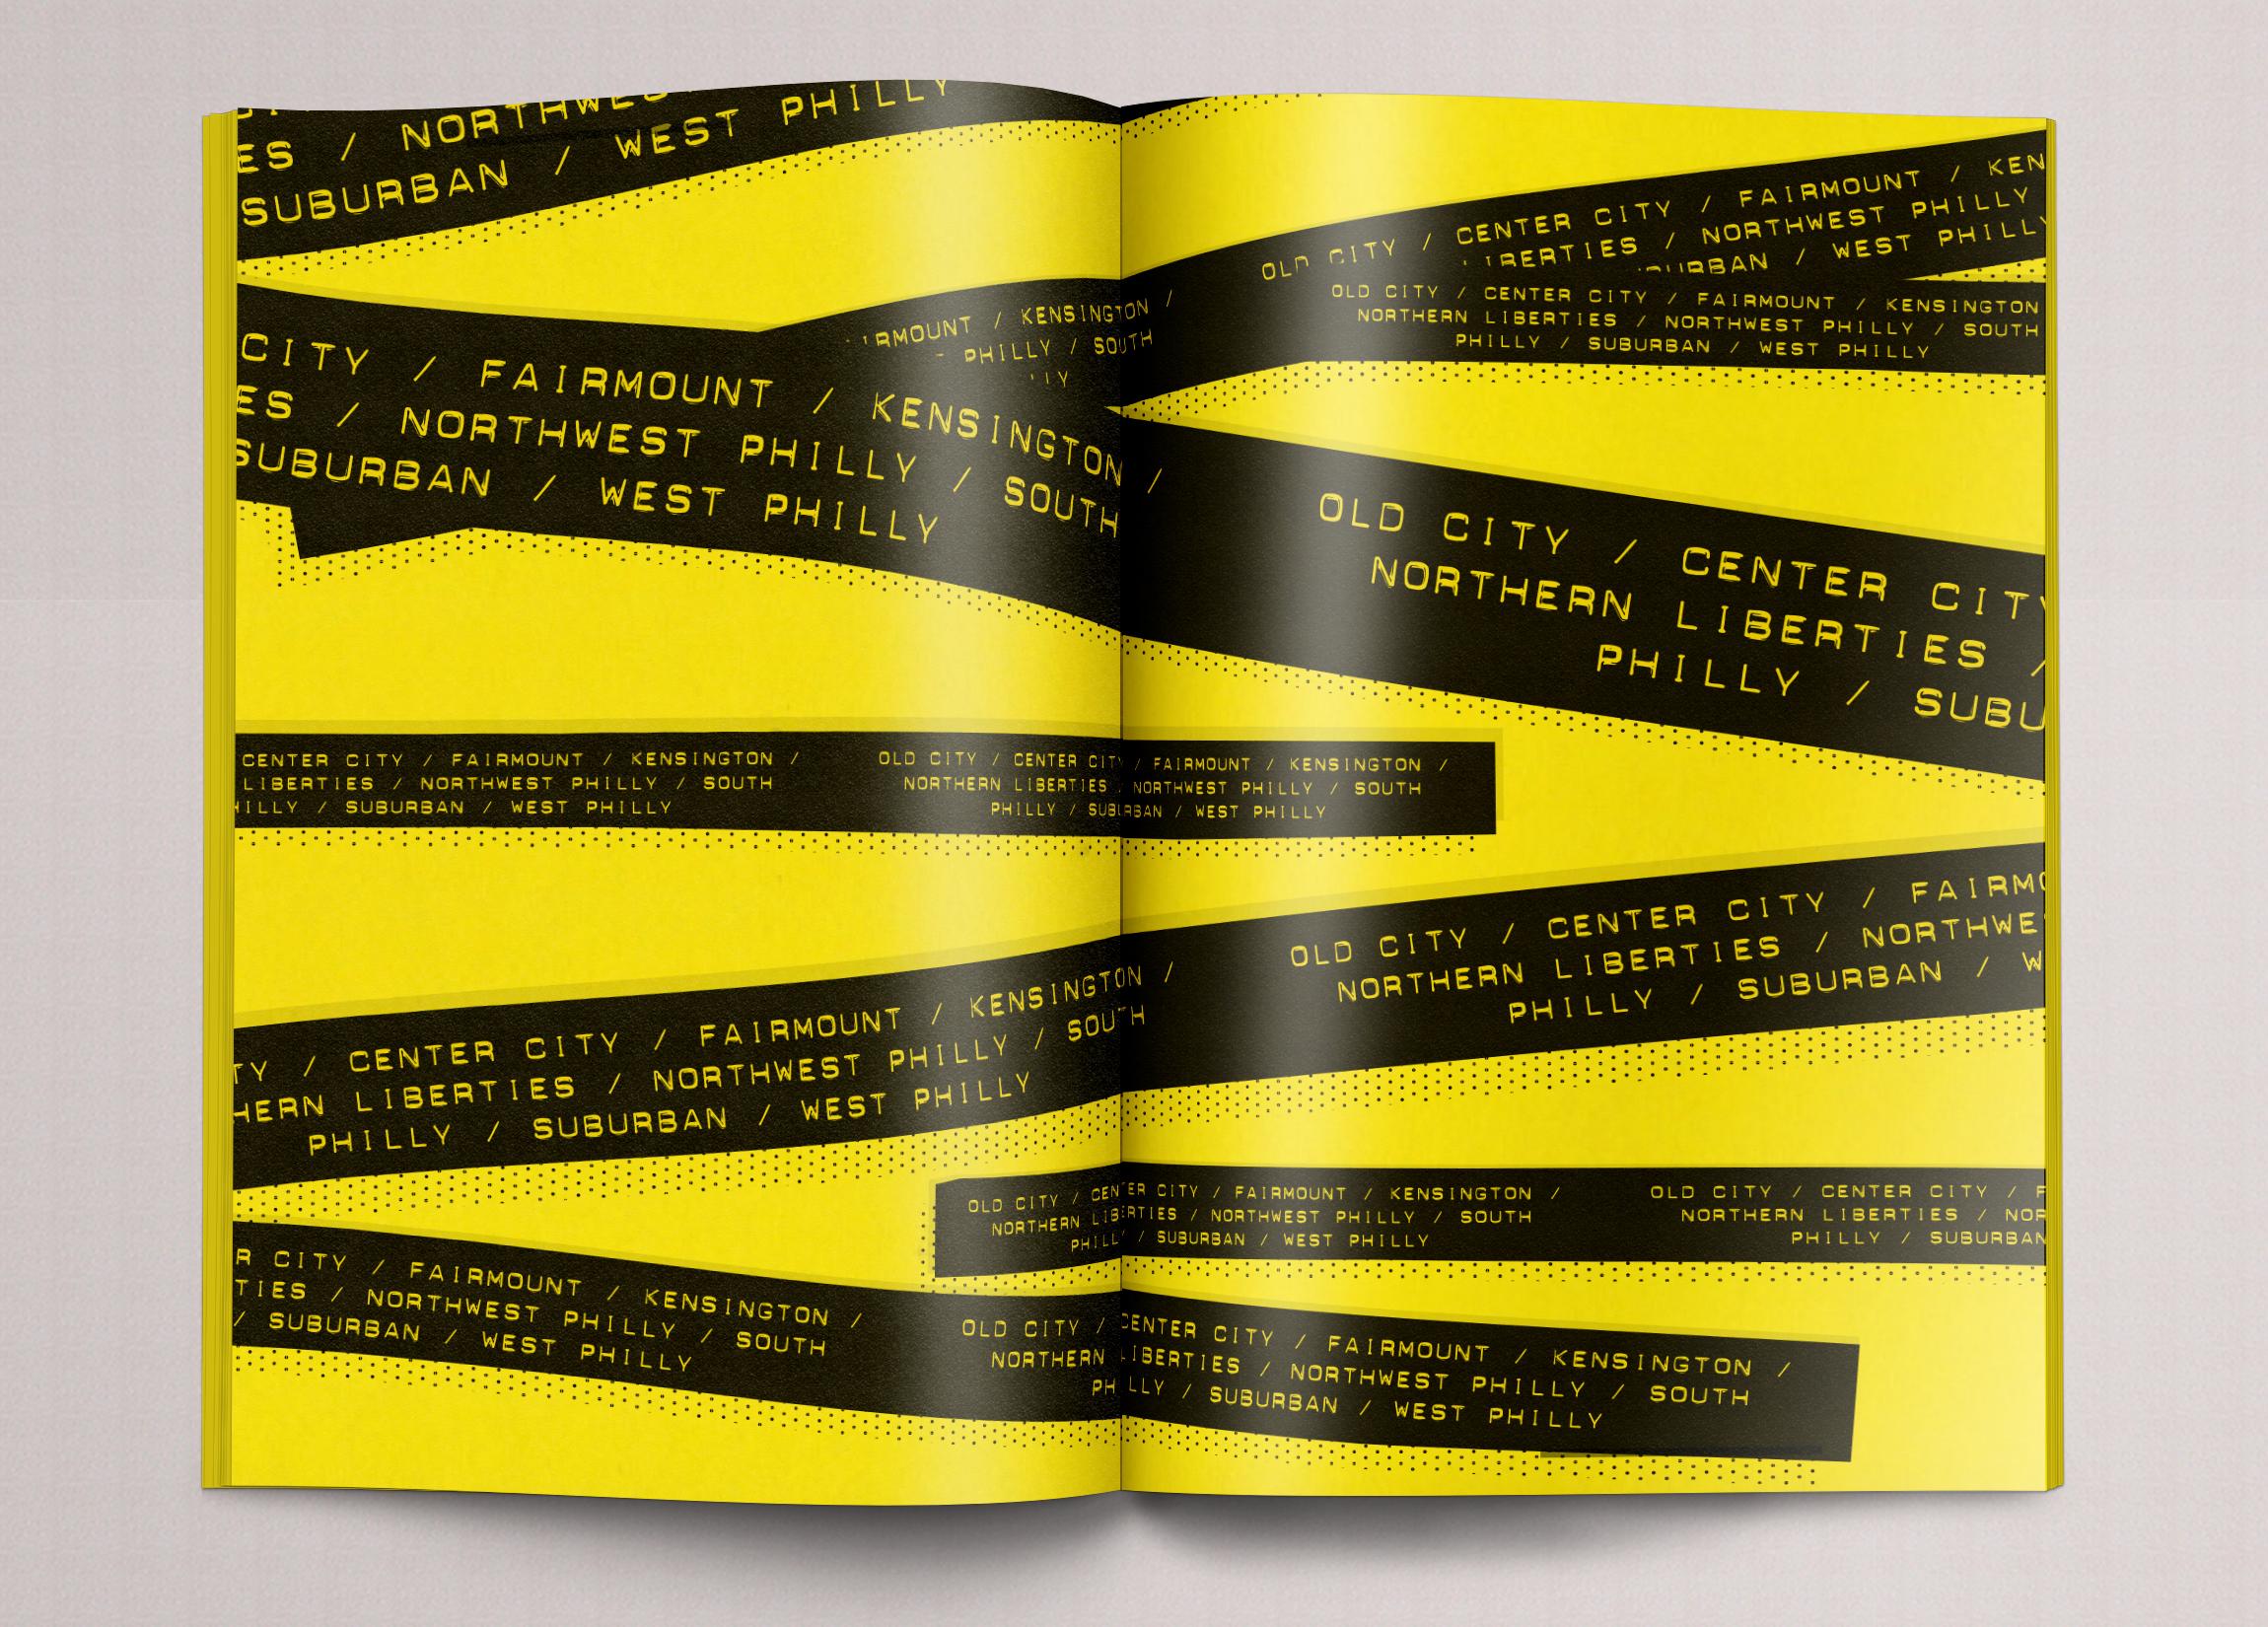 Philly Fringe_Photorealistic Magazine MockUp_spread8.jpg